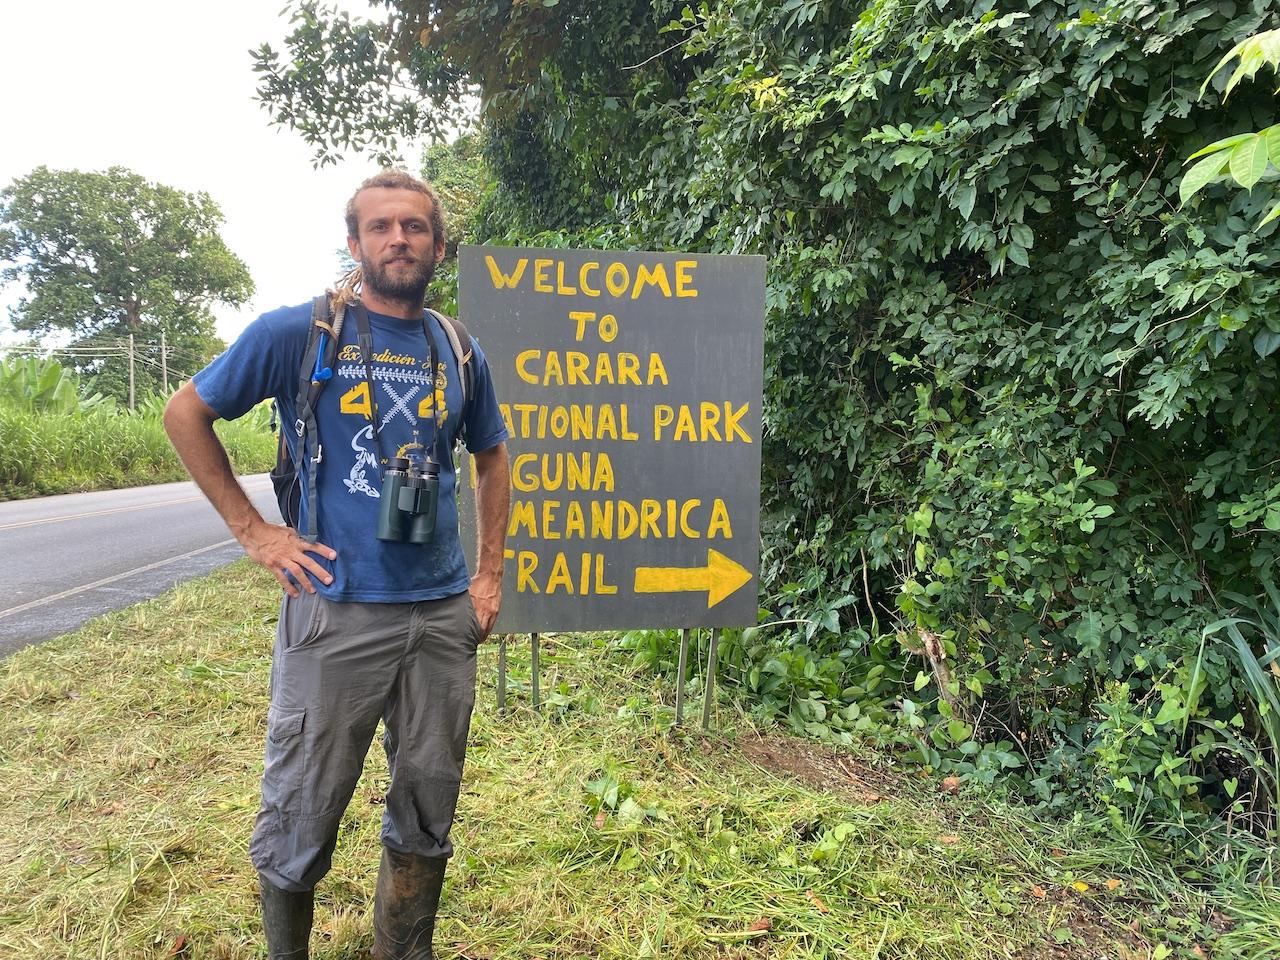 Jornada de Limpieza en el Parque Nacional Carara en conmemoración al día de los parques nacionales